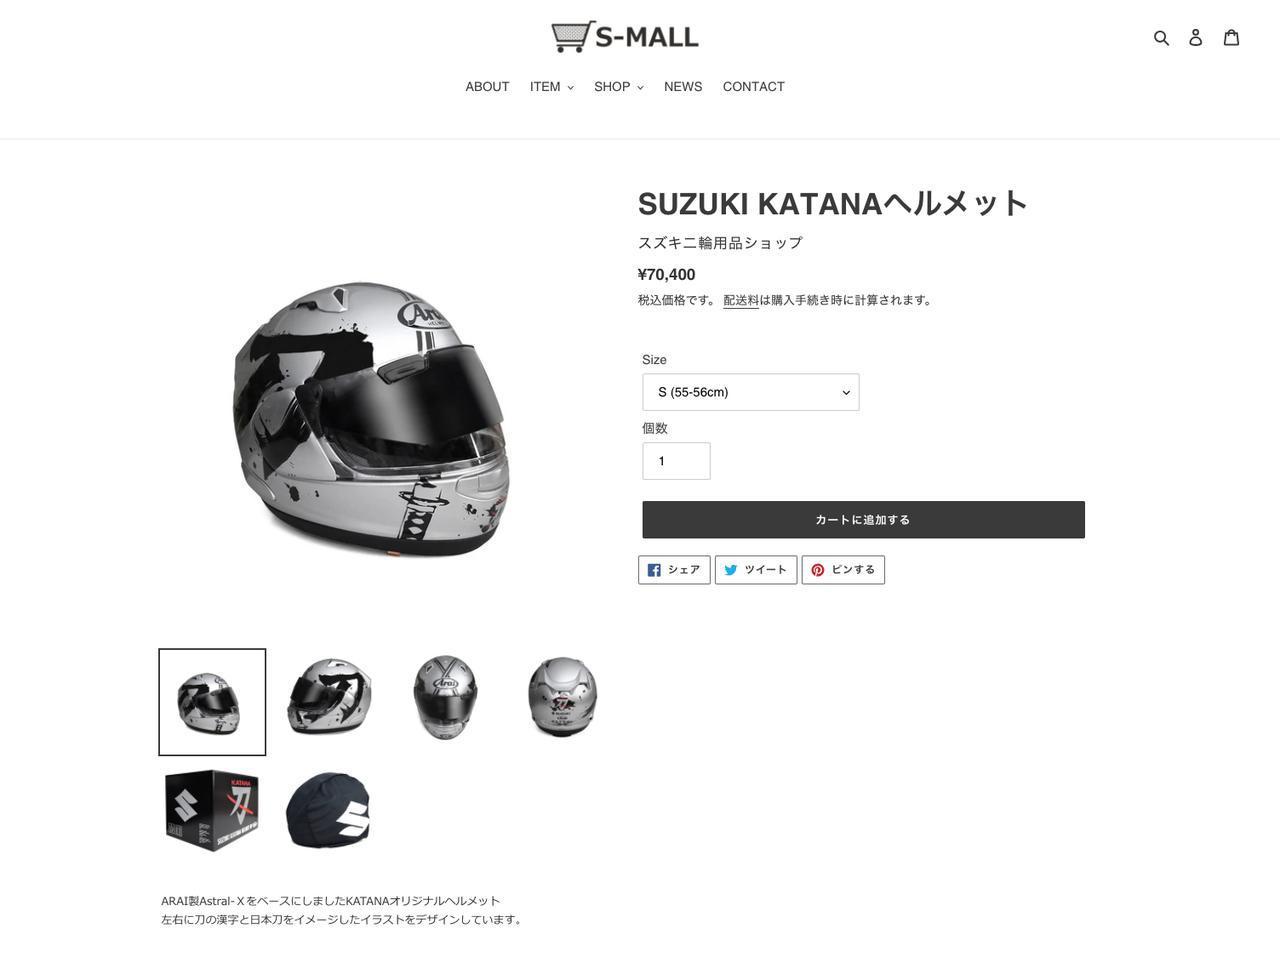 画像2: スズキのネットショッピングサイト「S-MALL」より引用 s-mall.jp